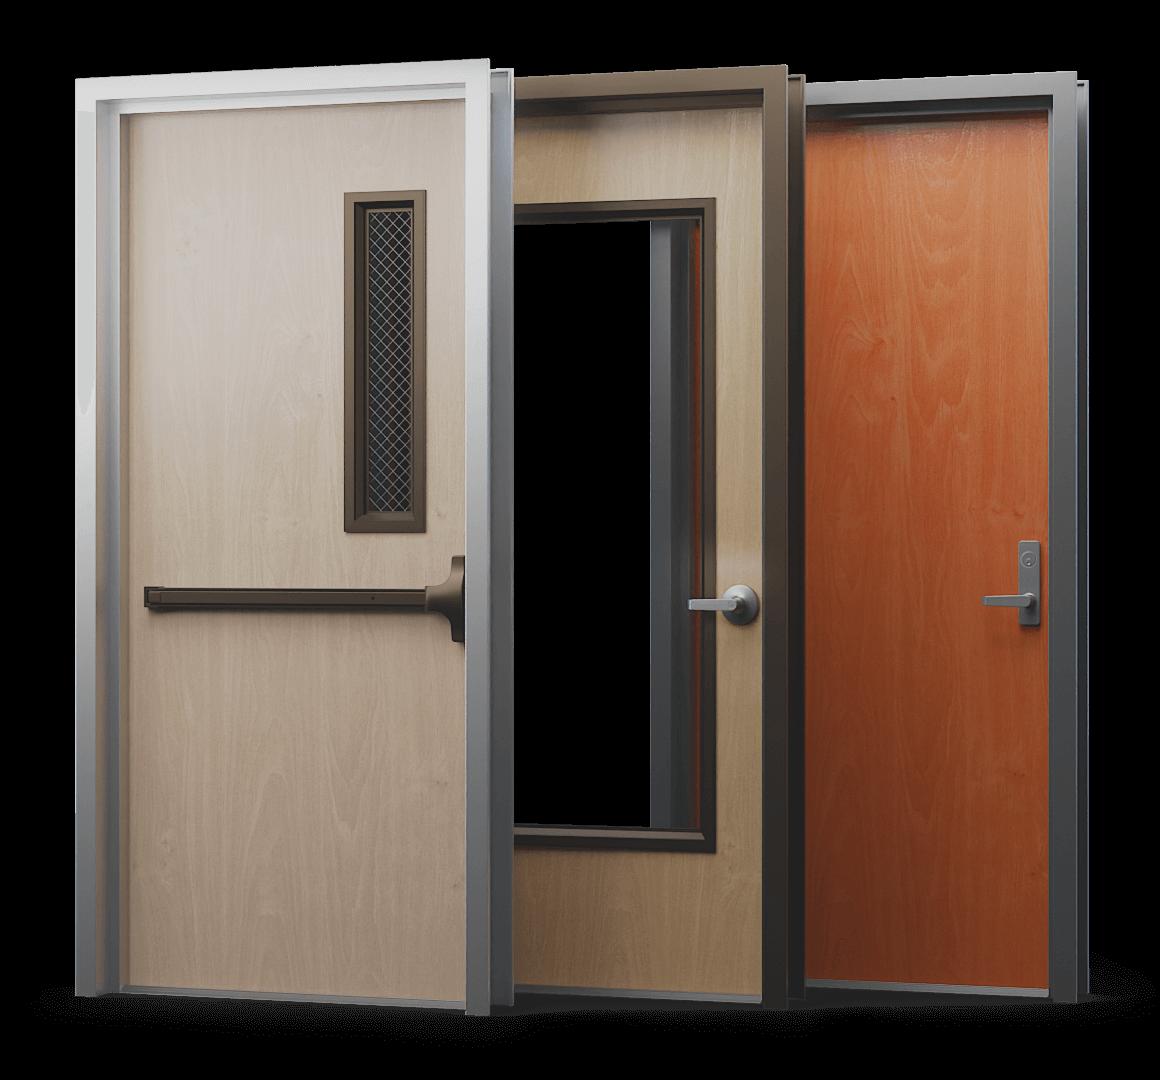 set of 3 commercial wood doors